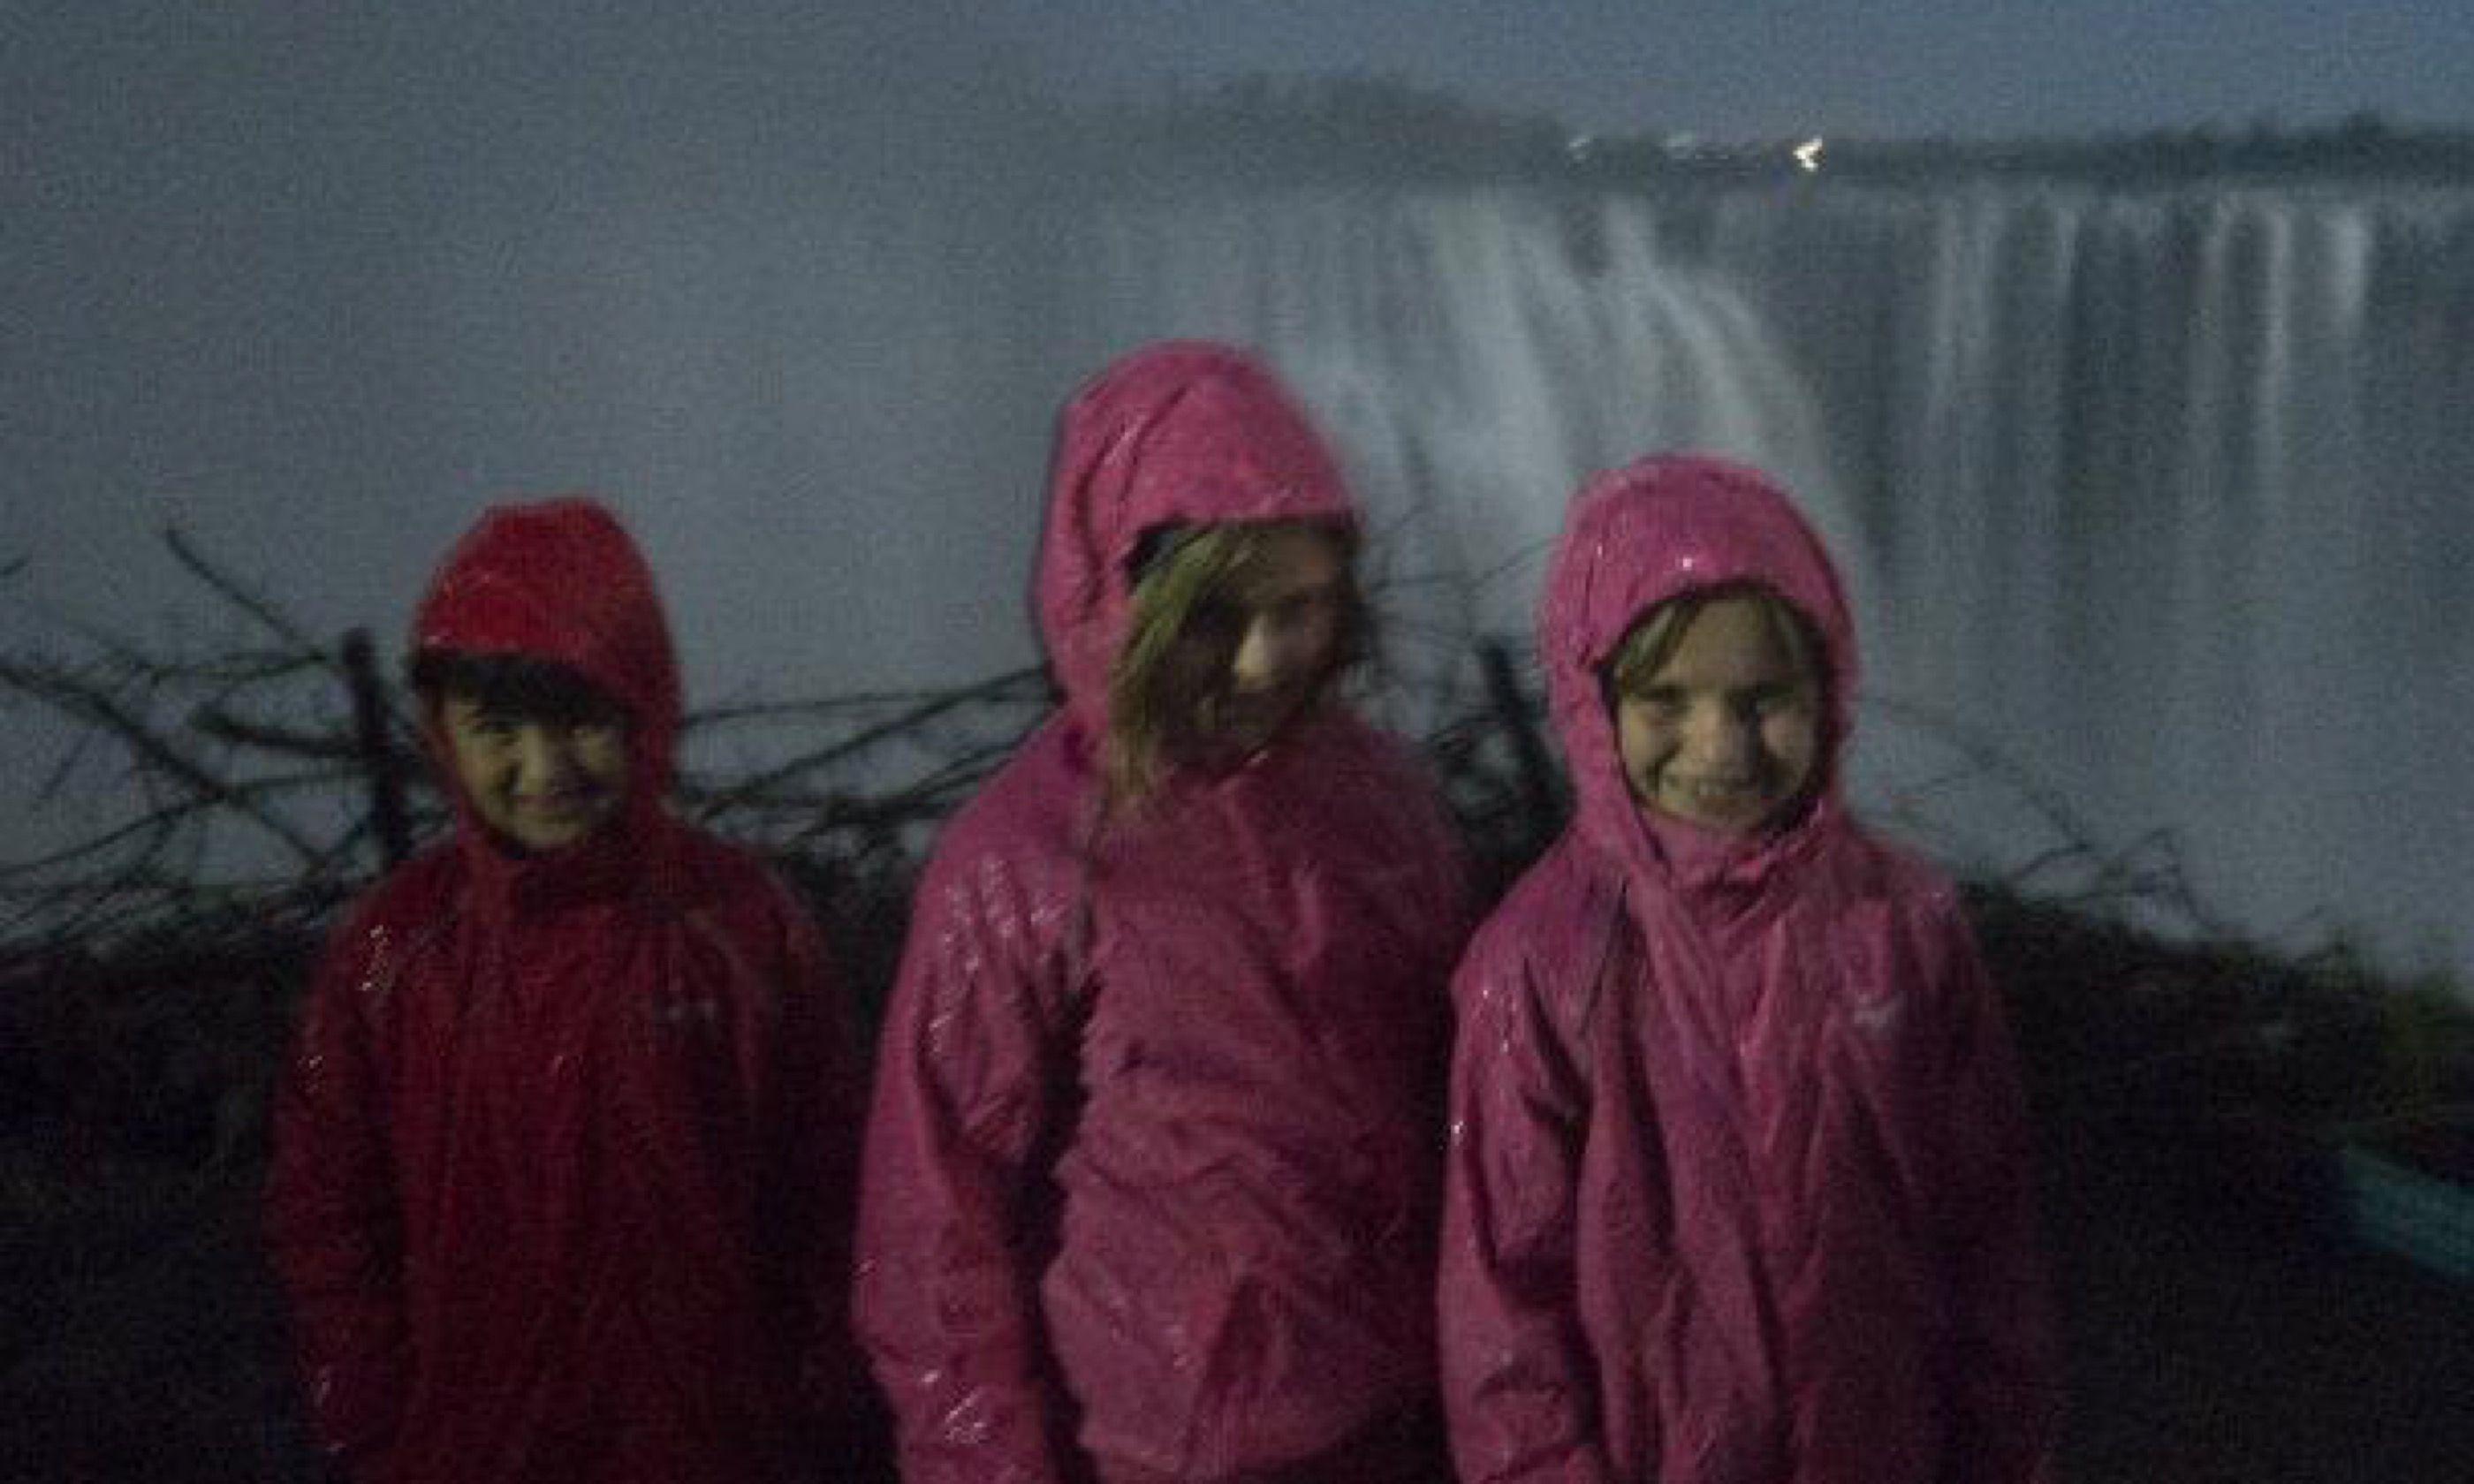 Vic Falls at night (Edwina Cagol)